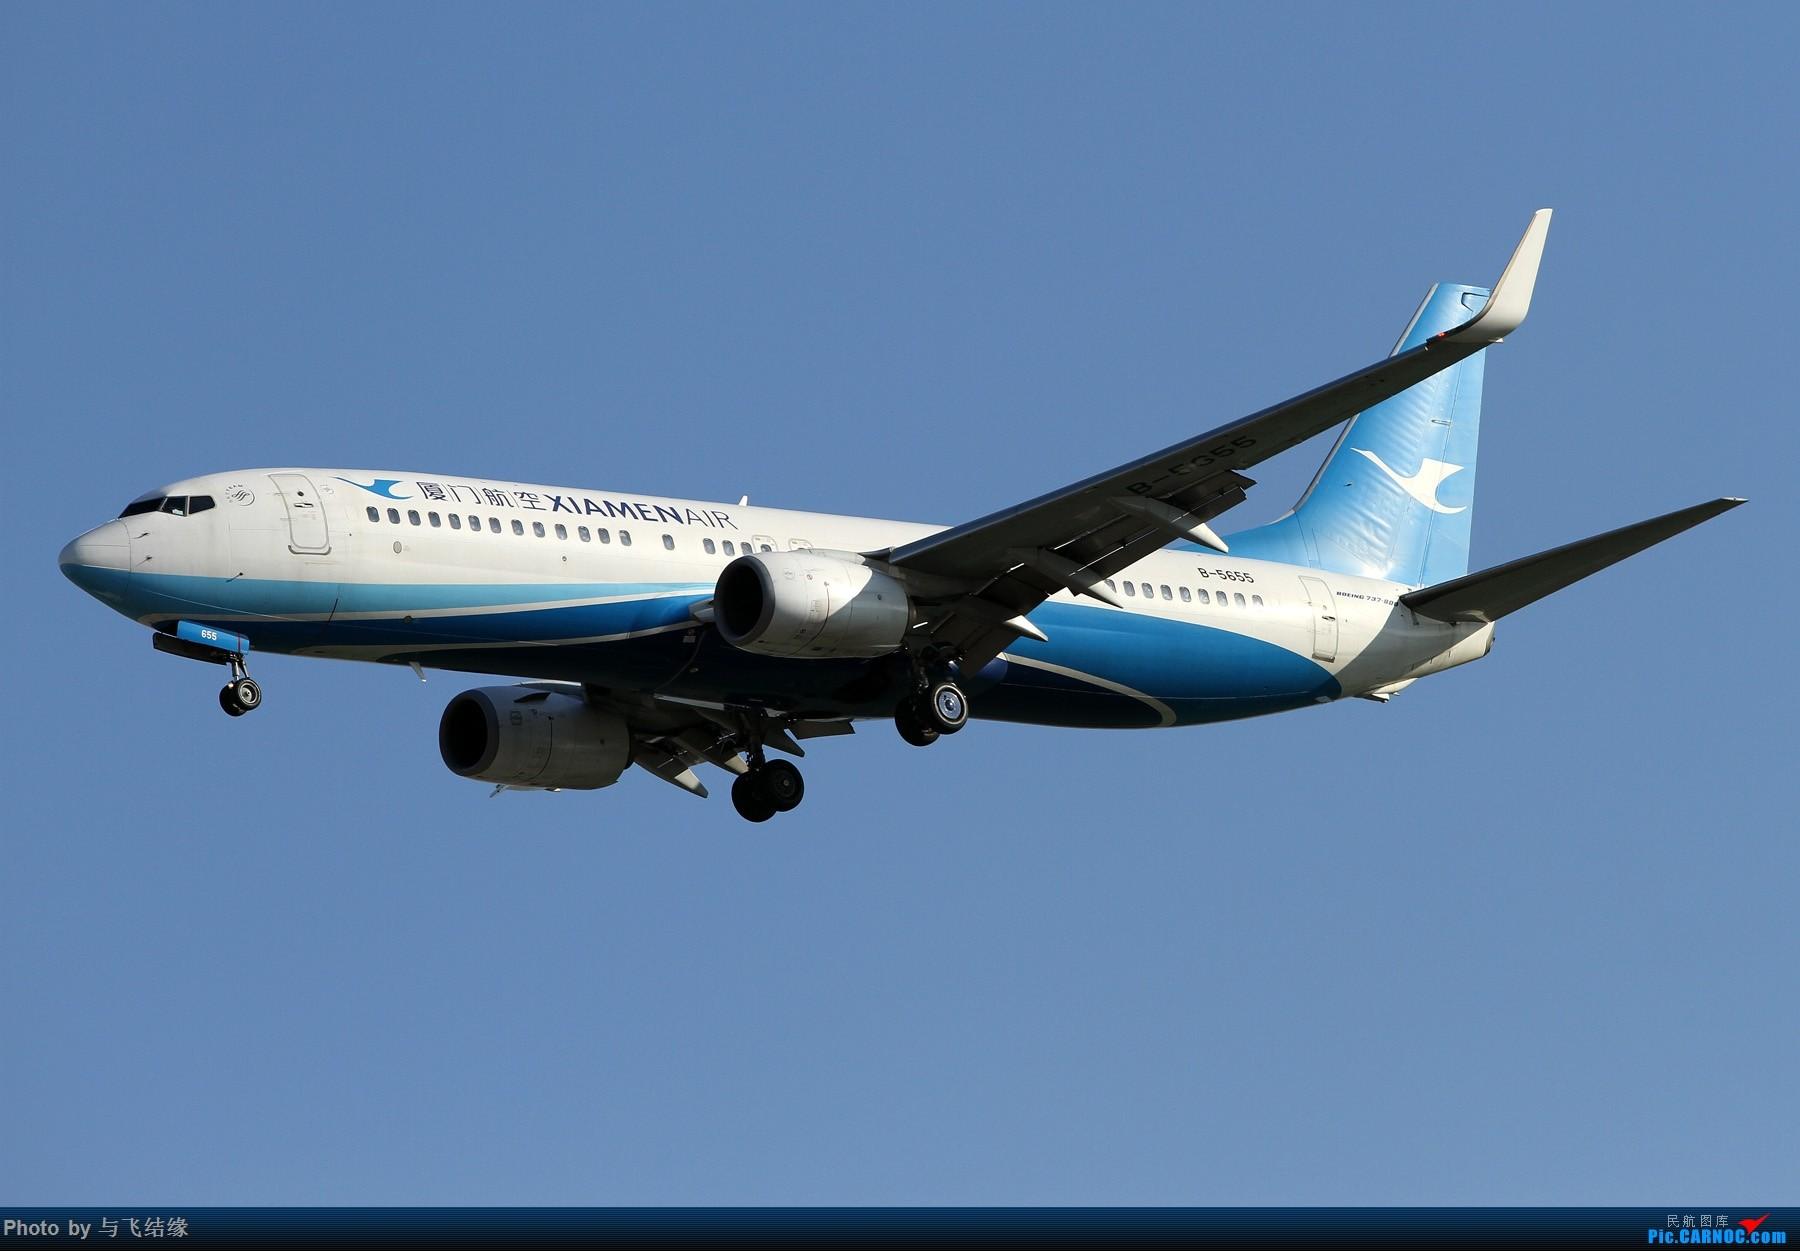 Re:[原创]十二月十号天气不错,楼了几张拙作出来露个脸发一下。 BOEING 737-800 B-5655 中国北京首都国际机场